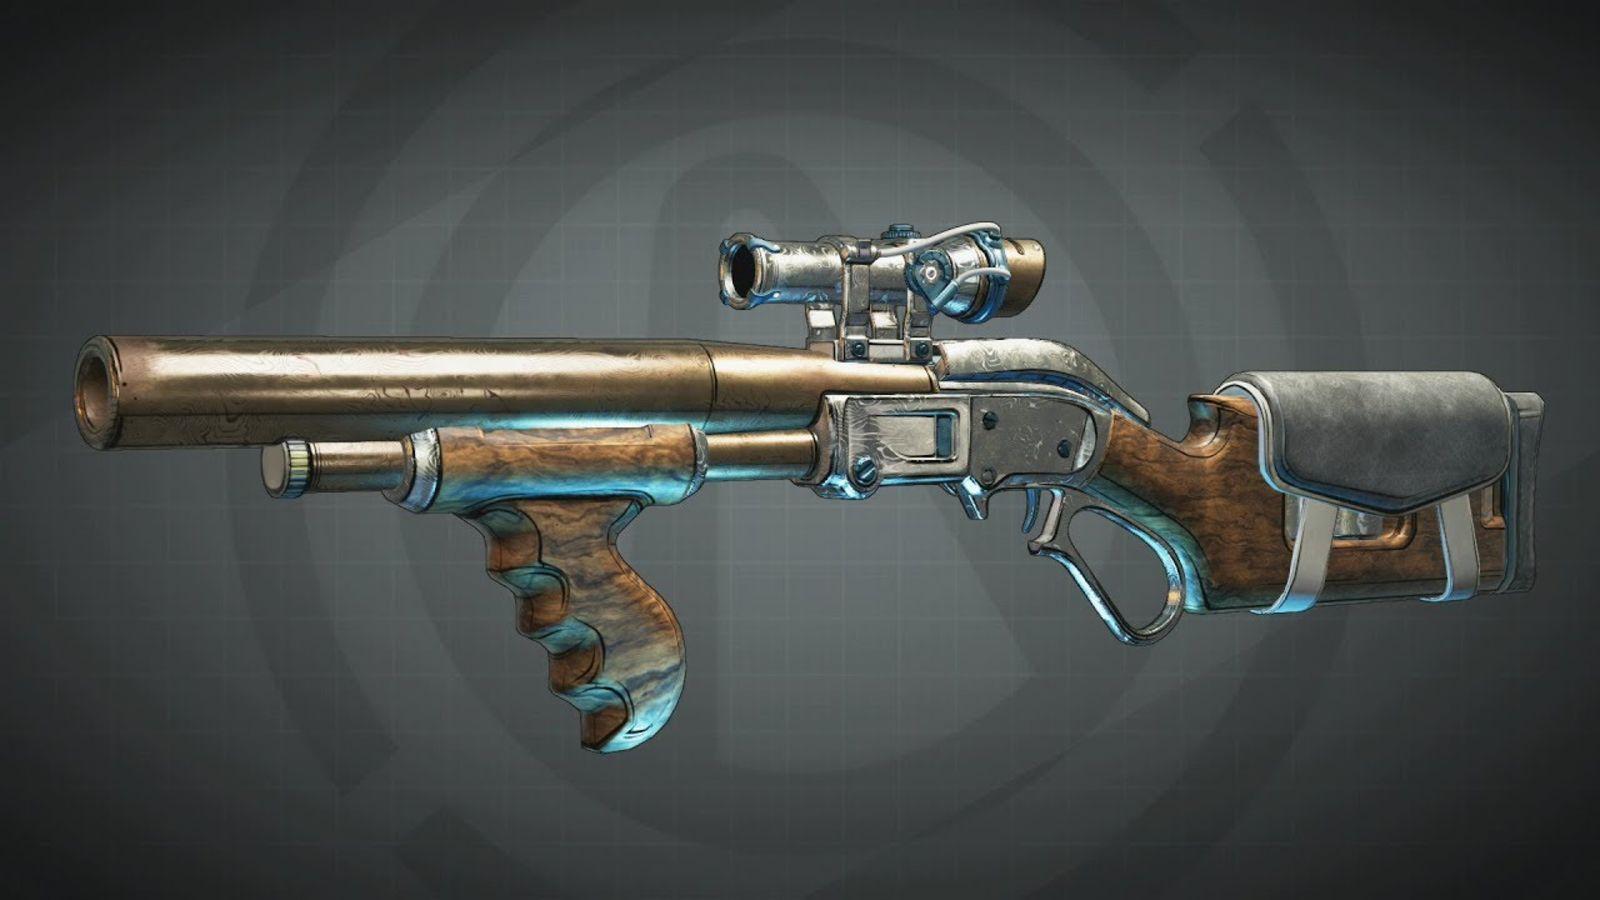 Finalmente arrivano dei fucili potenti in Borderlands 3